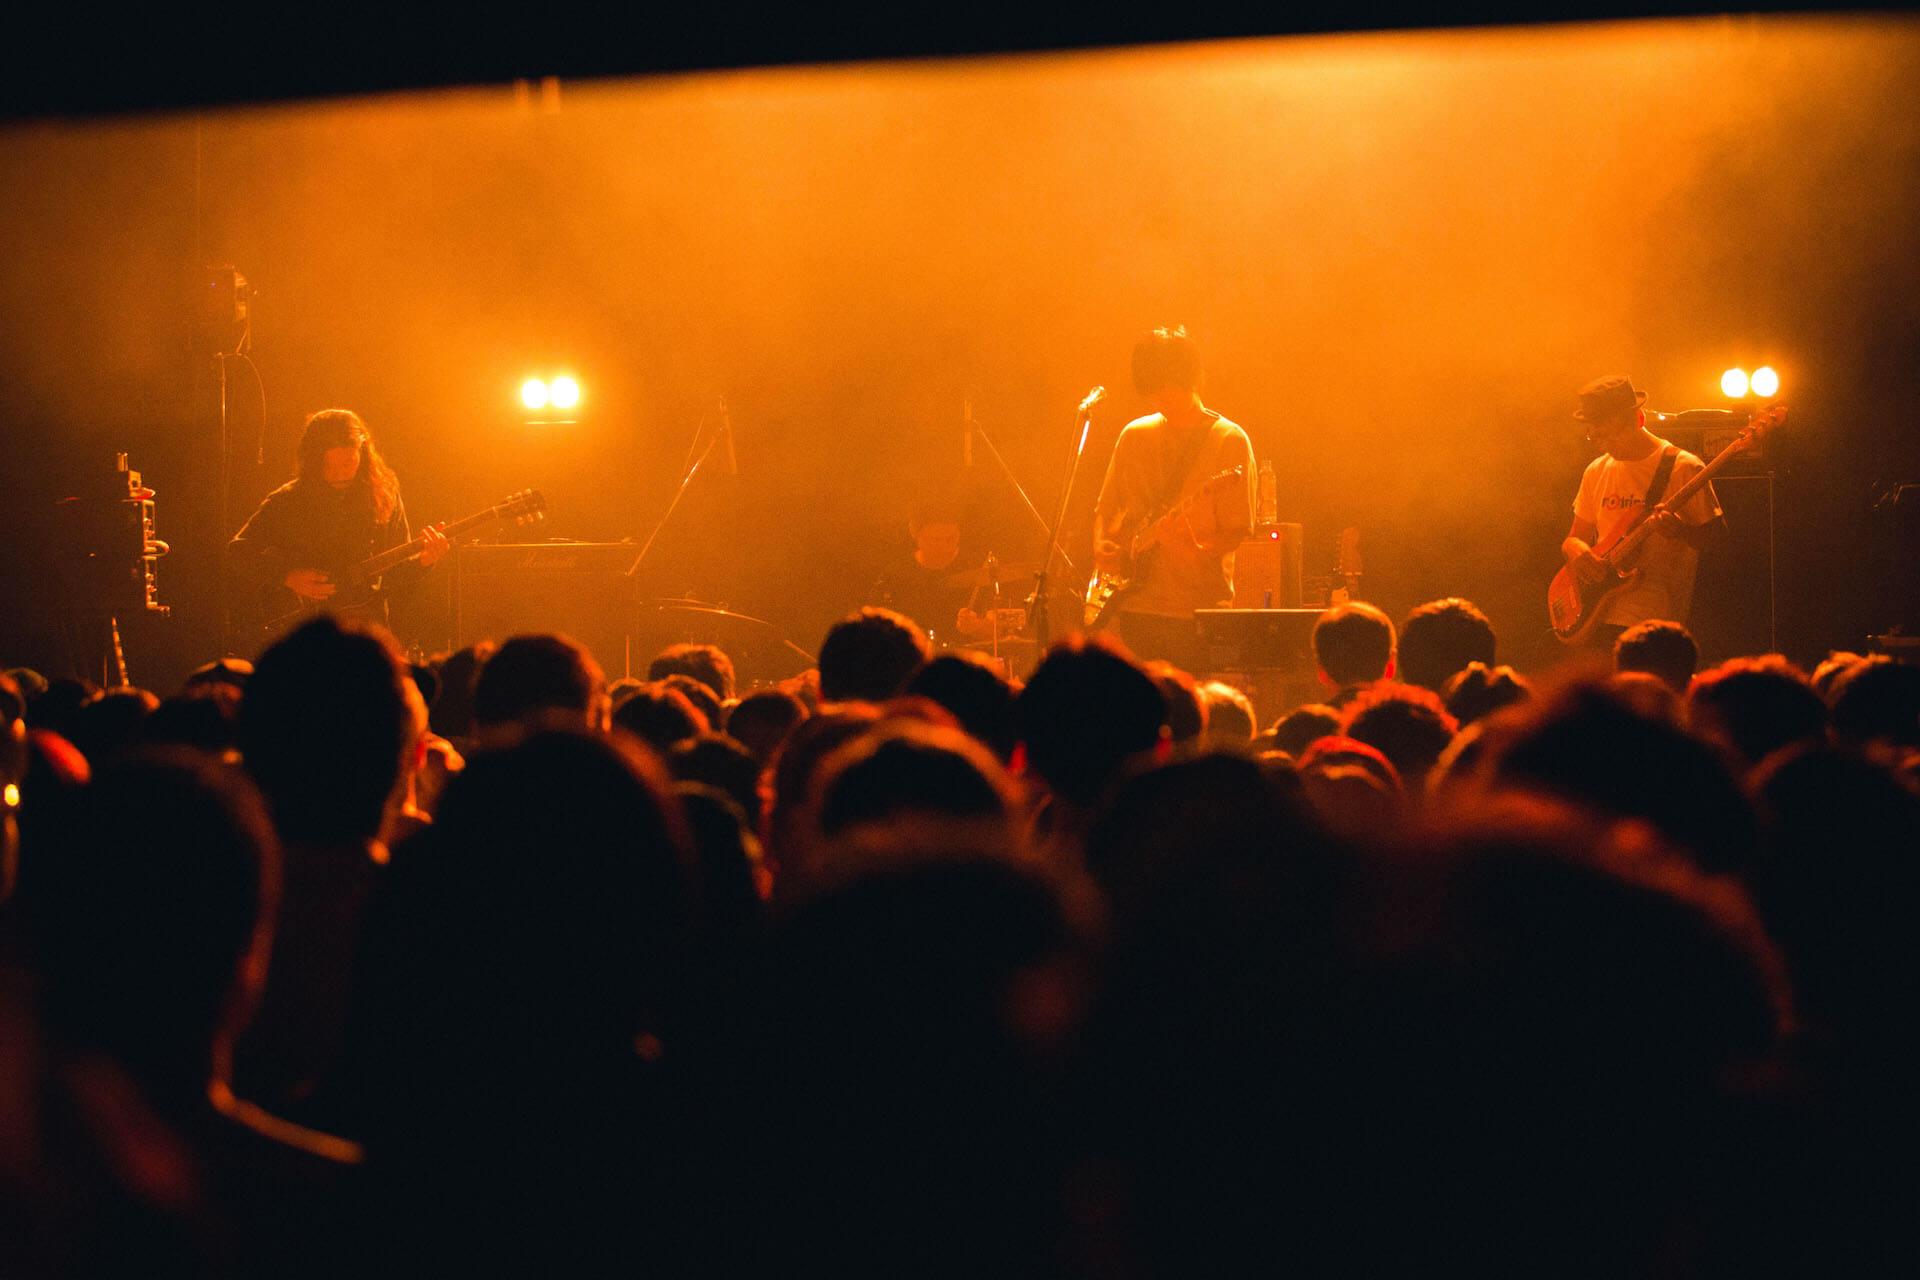 世界を旅するバンドが魅せるサイケデリアのまどろみ 幾何学模様 × OGRE YOU ASSHOLE ライブレポート music191103-kikagakumoyo-ogreyouasshole-1